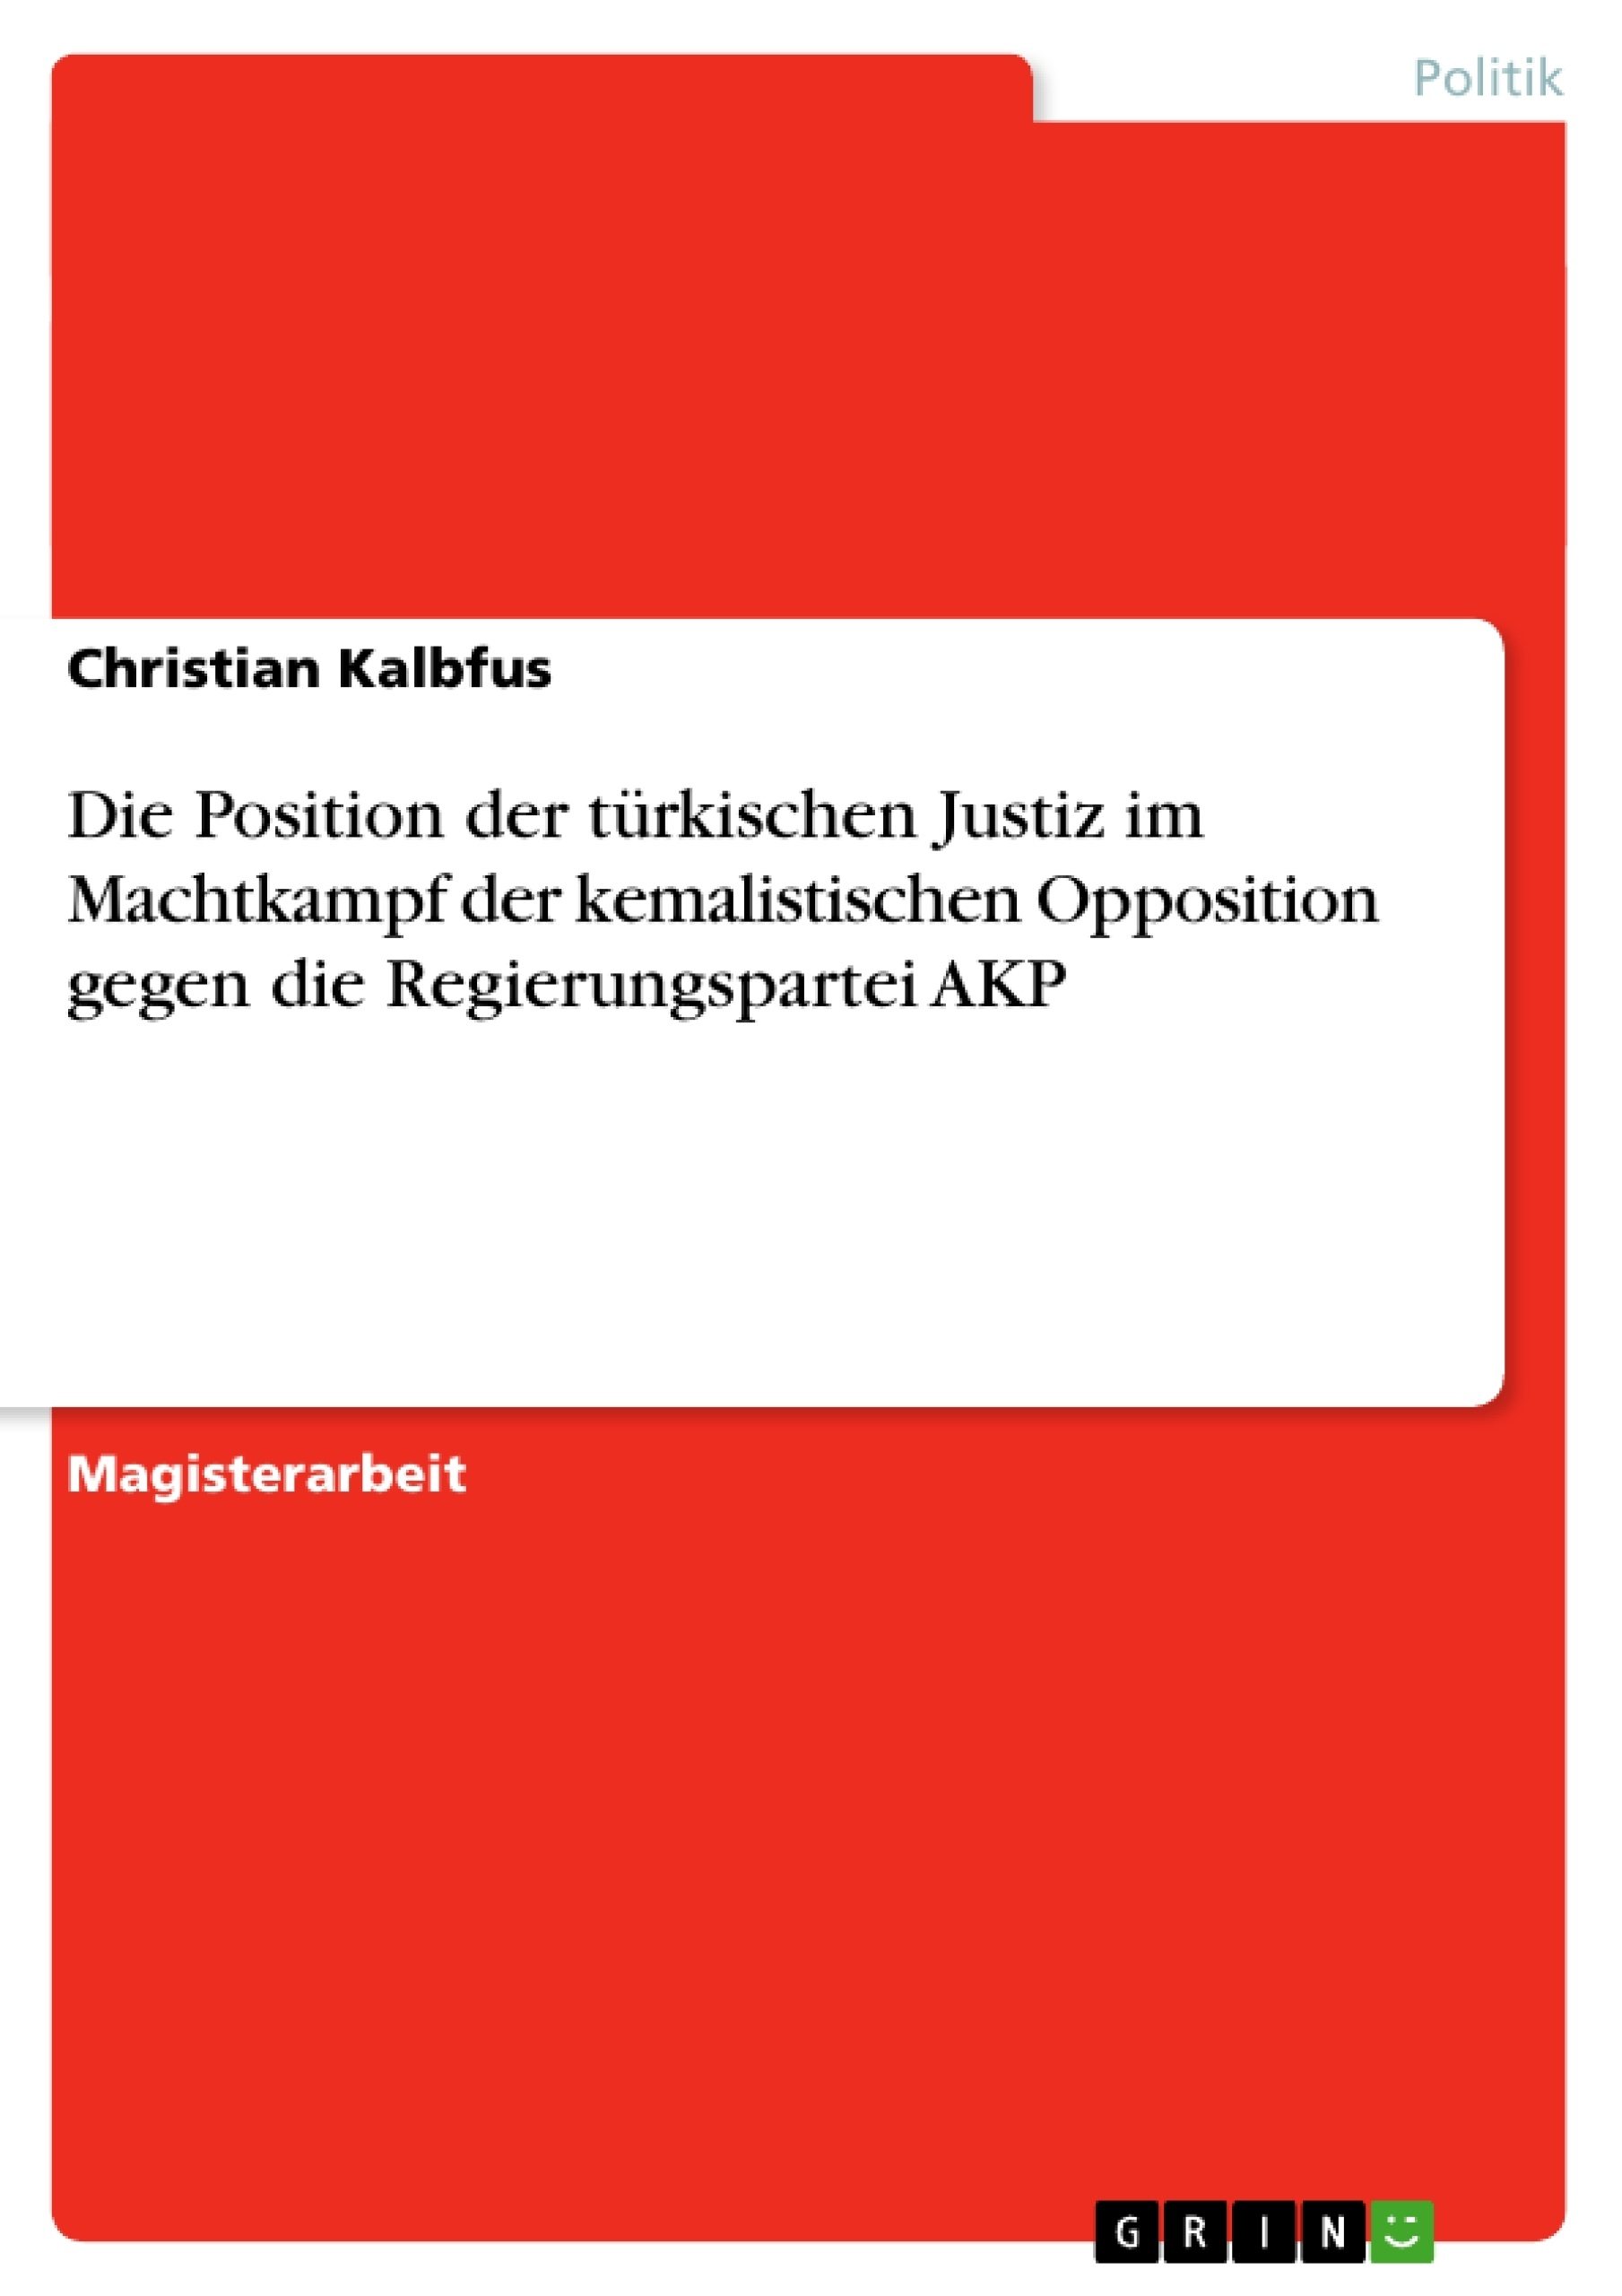 Titel: Die Position der türkischen Justiz im Machtkampf der kemalistischen Opposition gegen die Regierungspartei AKP